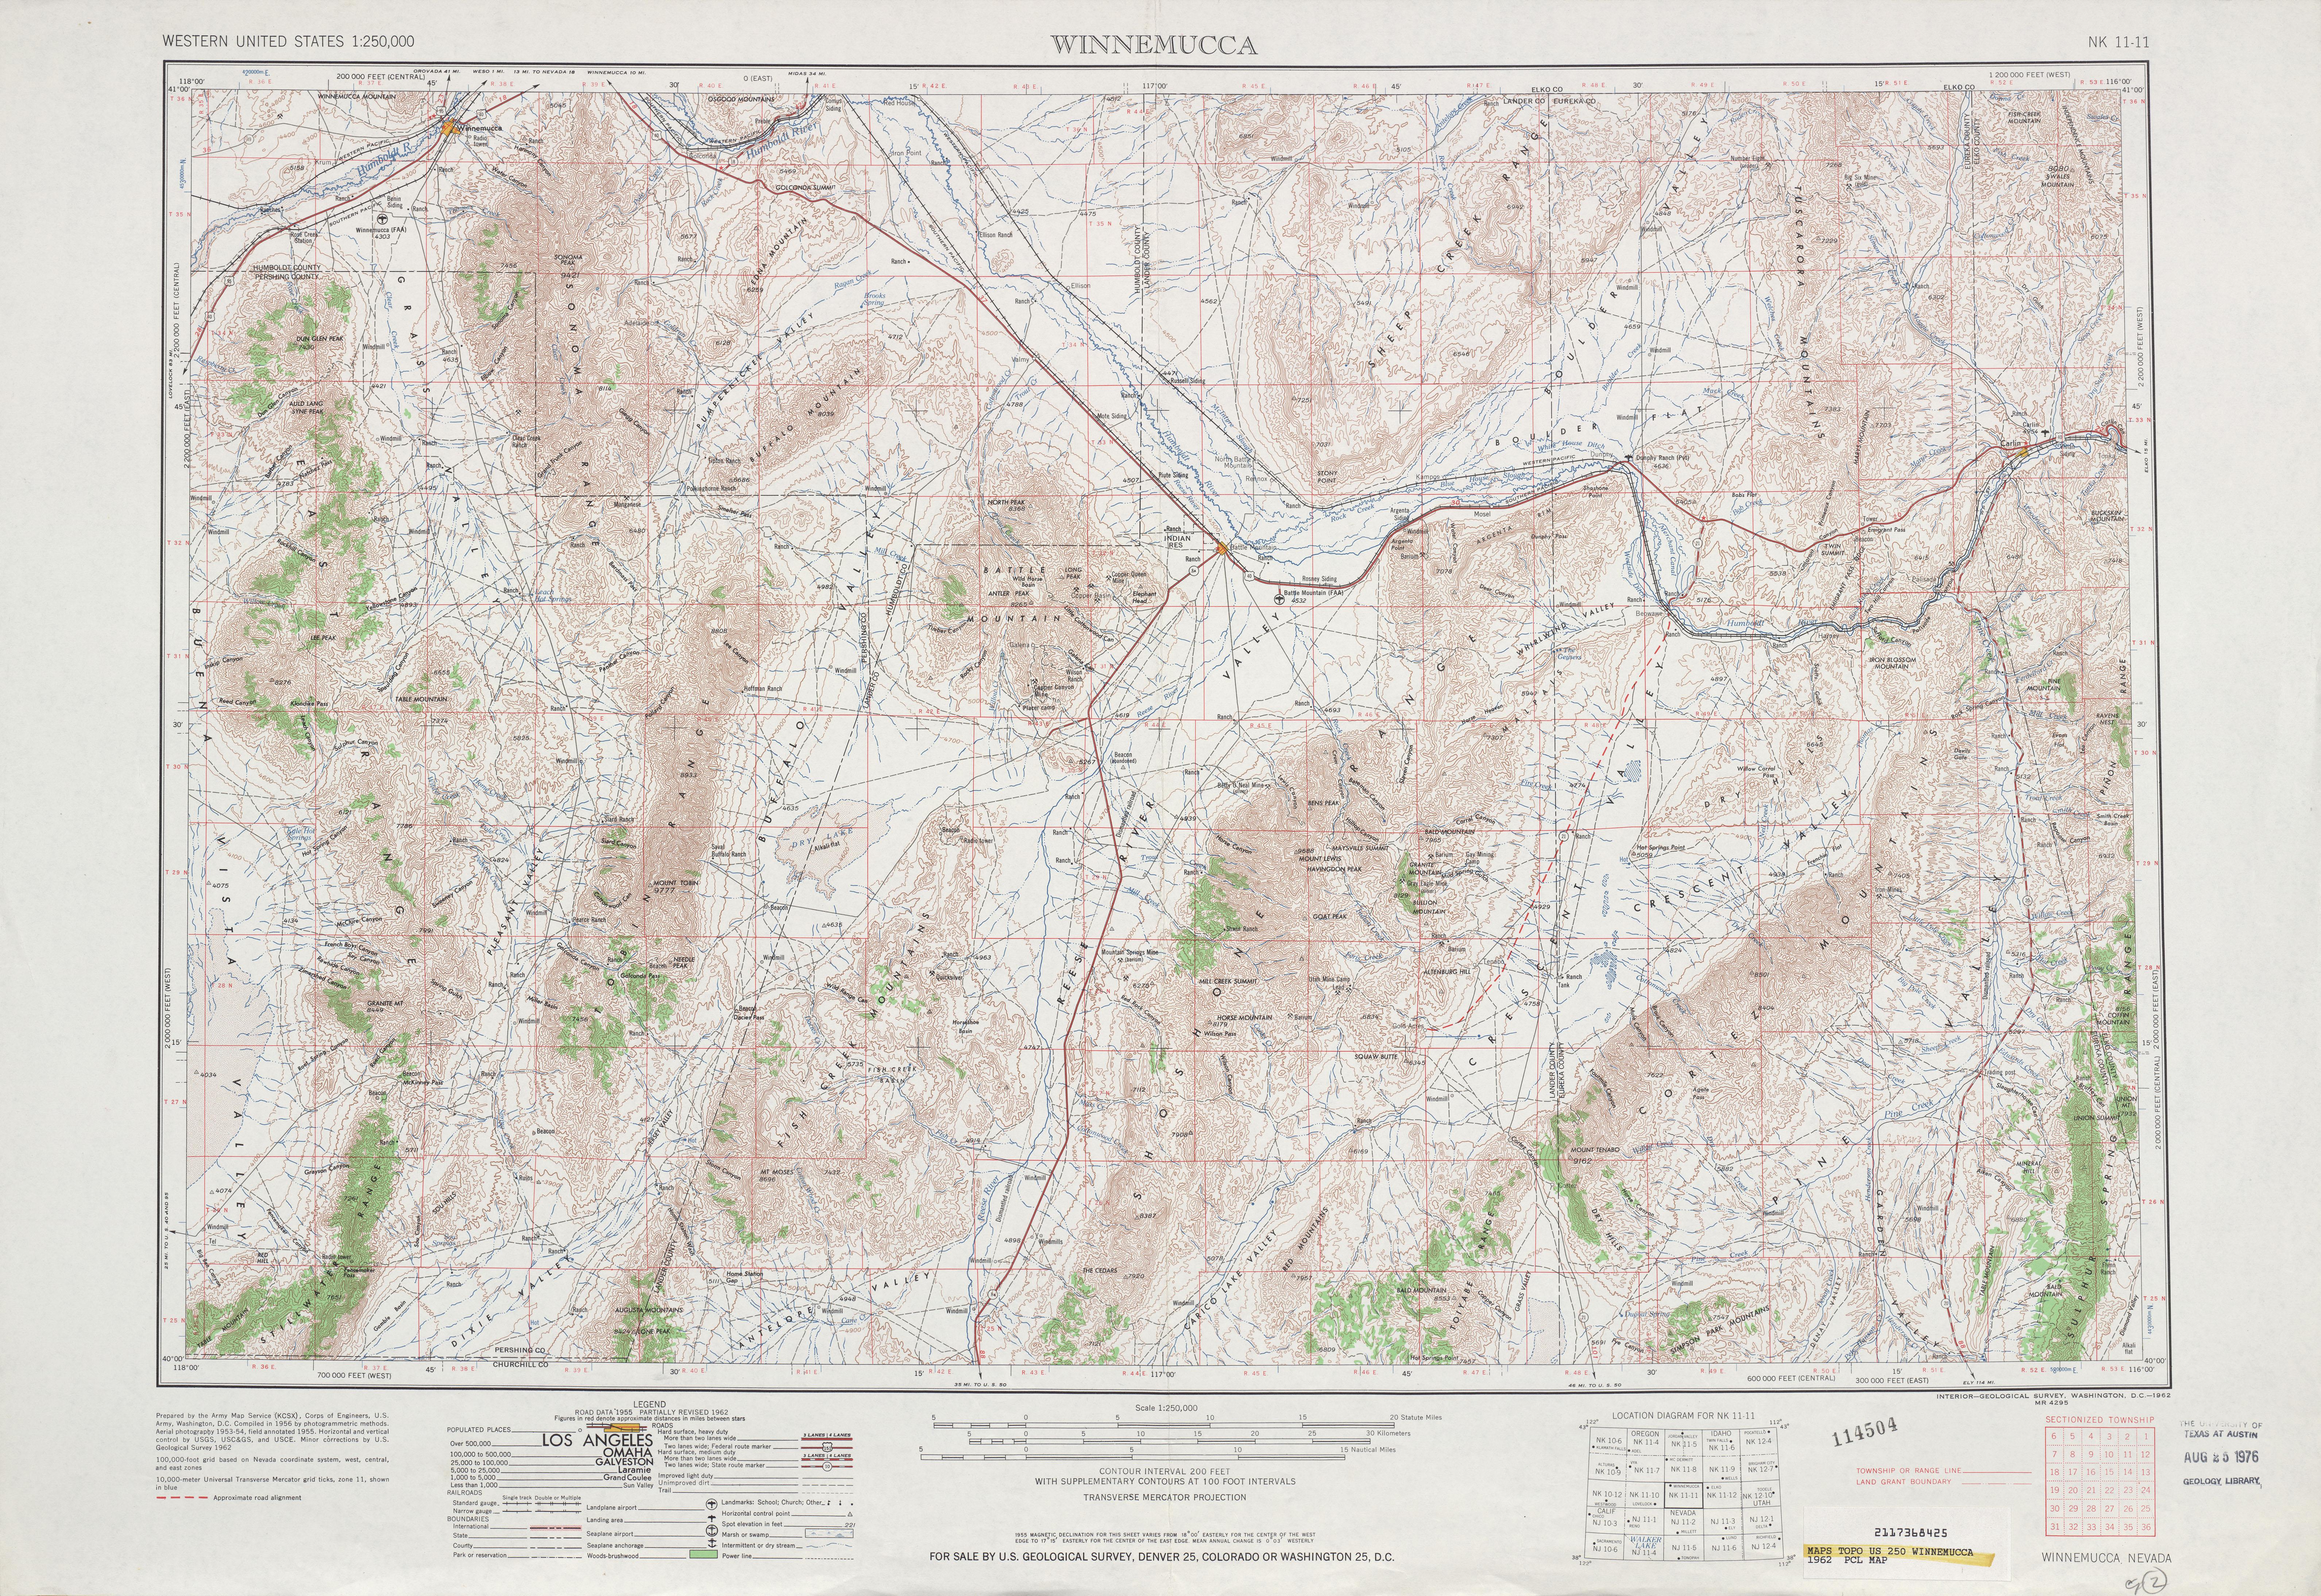 Hoja Winnemucca del Mapa Topográfico de los Estados Unidos 1962